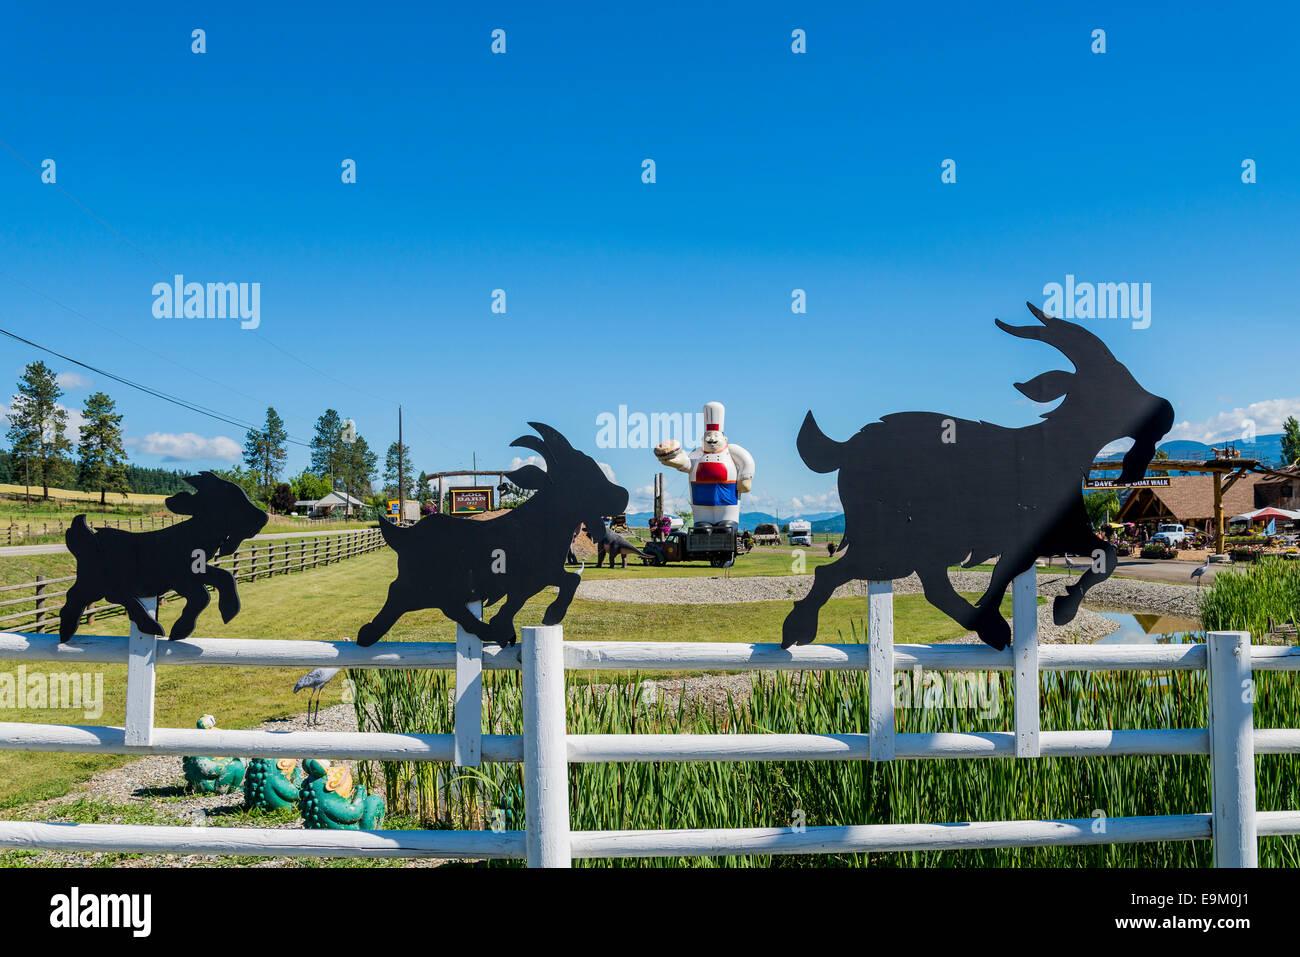 Il granaio di registro, attrazione sul ciglio della strada e memorizzare, Armstrong, Okanagan Valley, British Columbia, Immagini Stock